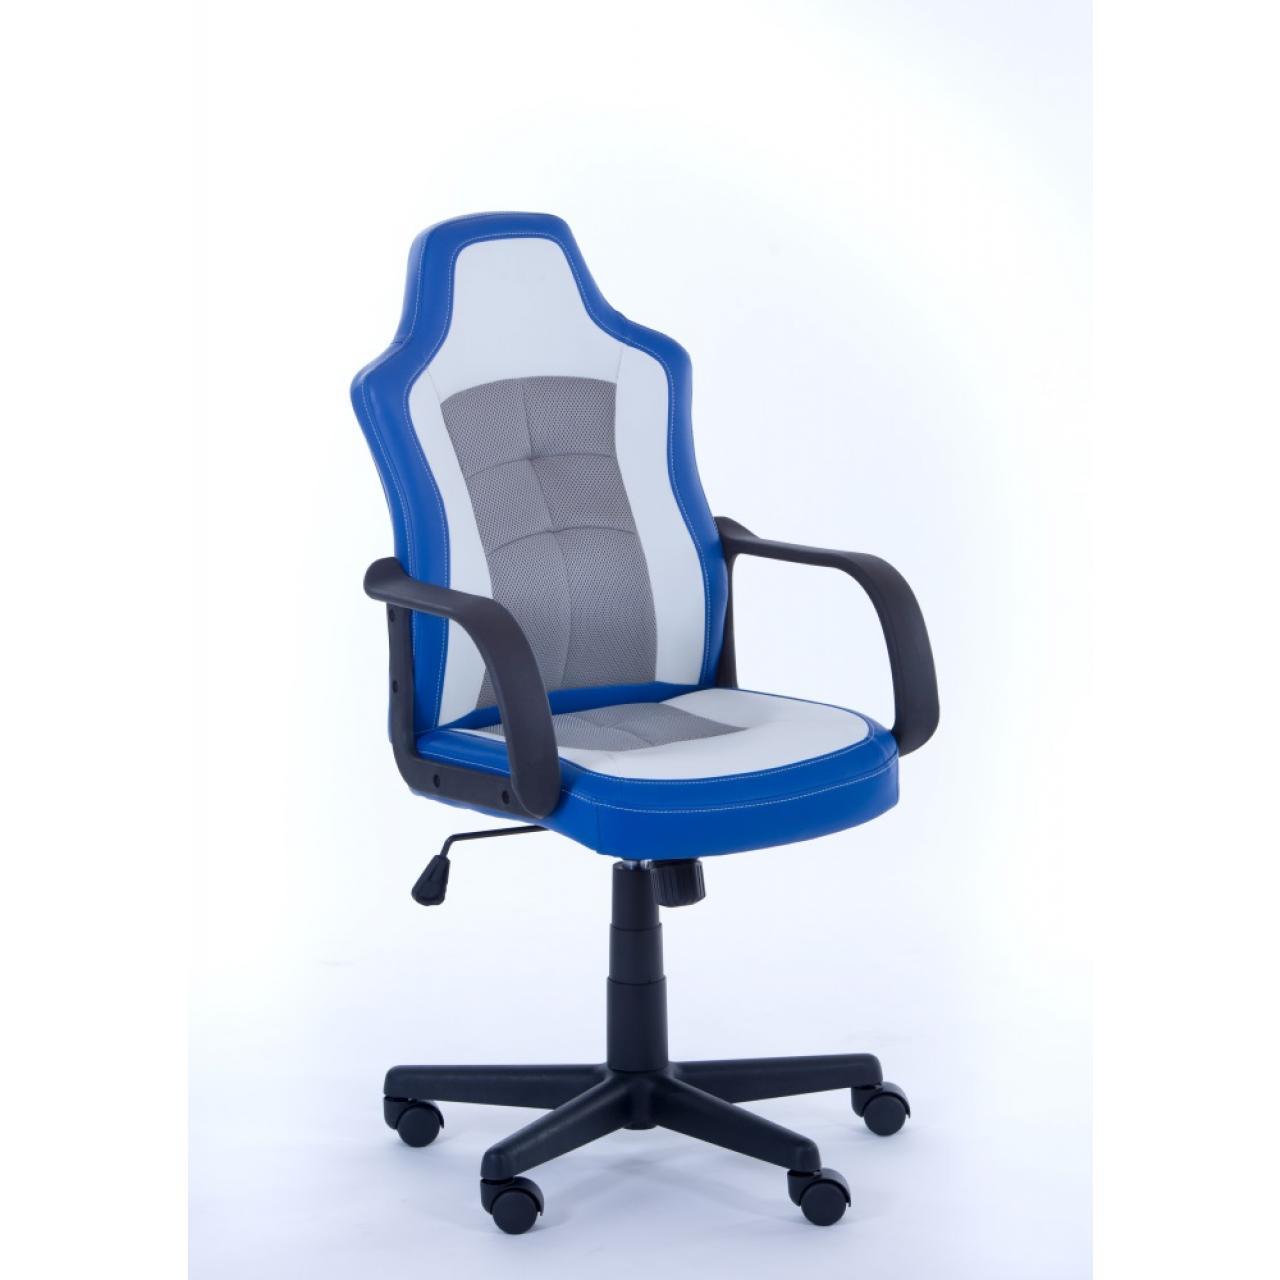 Chefsessel Jacky - weiß/blau